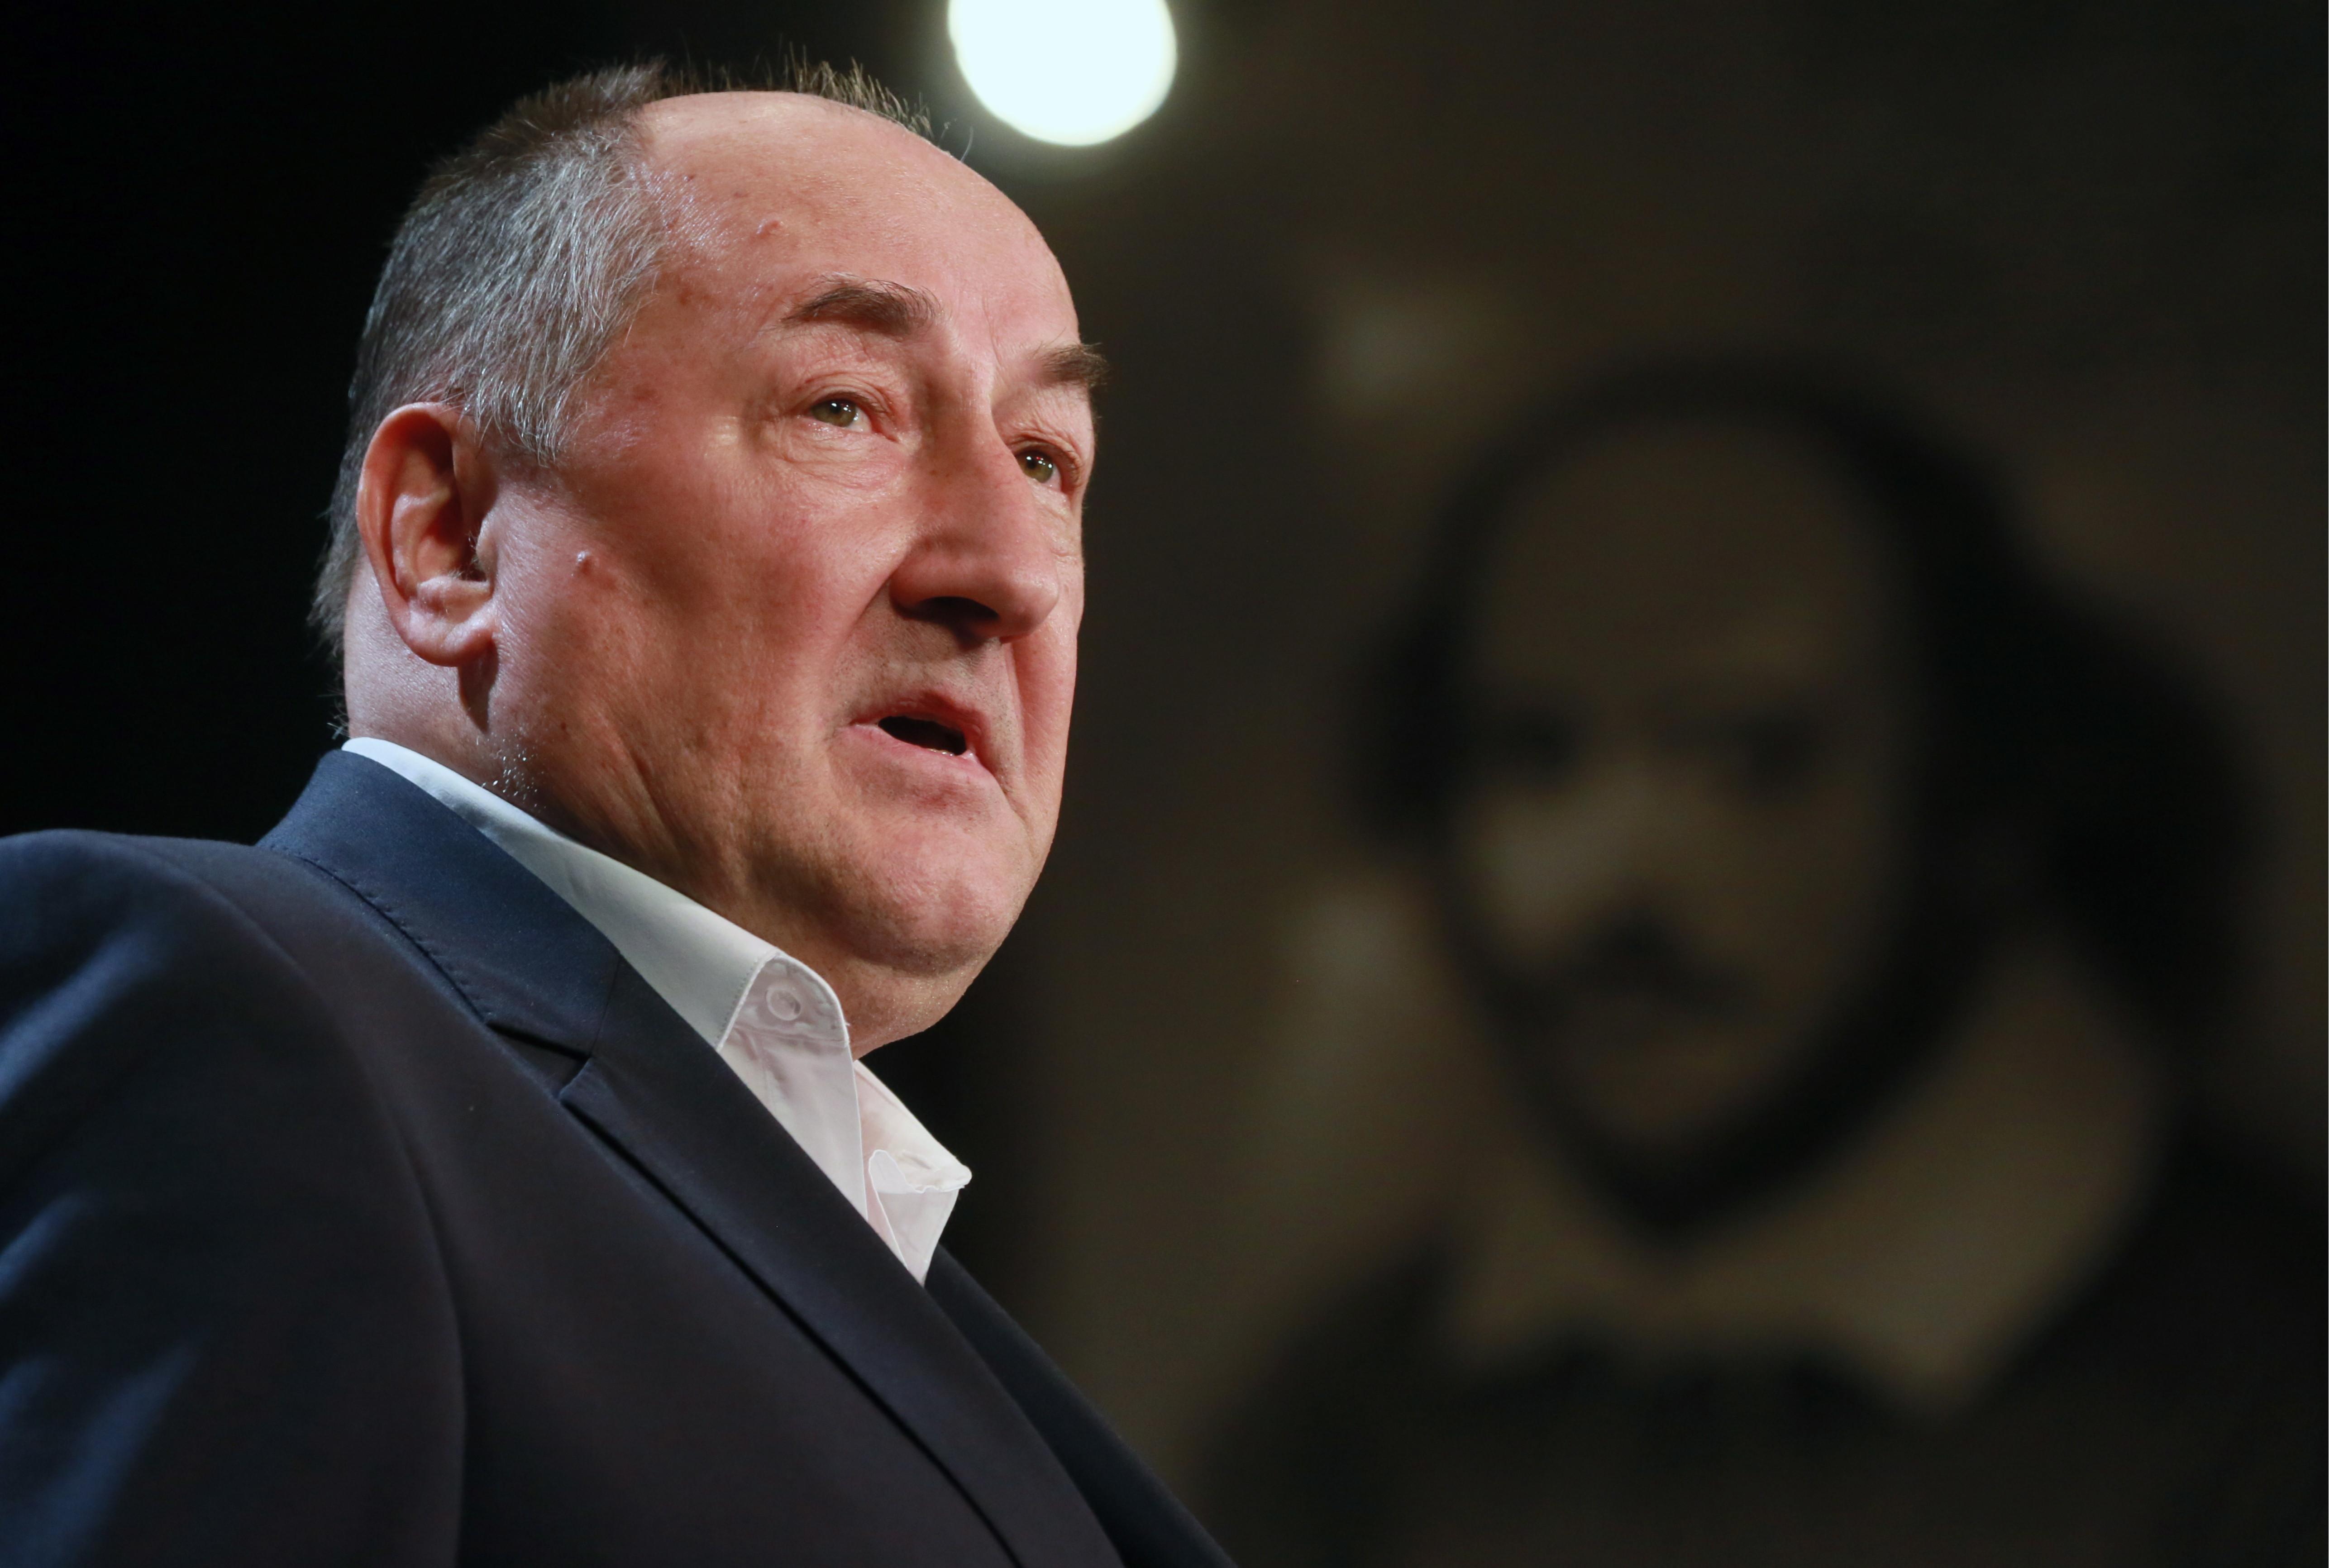 Узвезды сериала «Воронины» Бориса Клюева отыскали тяжёлую болезнь лёгких